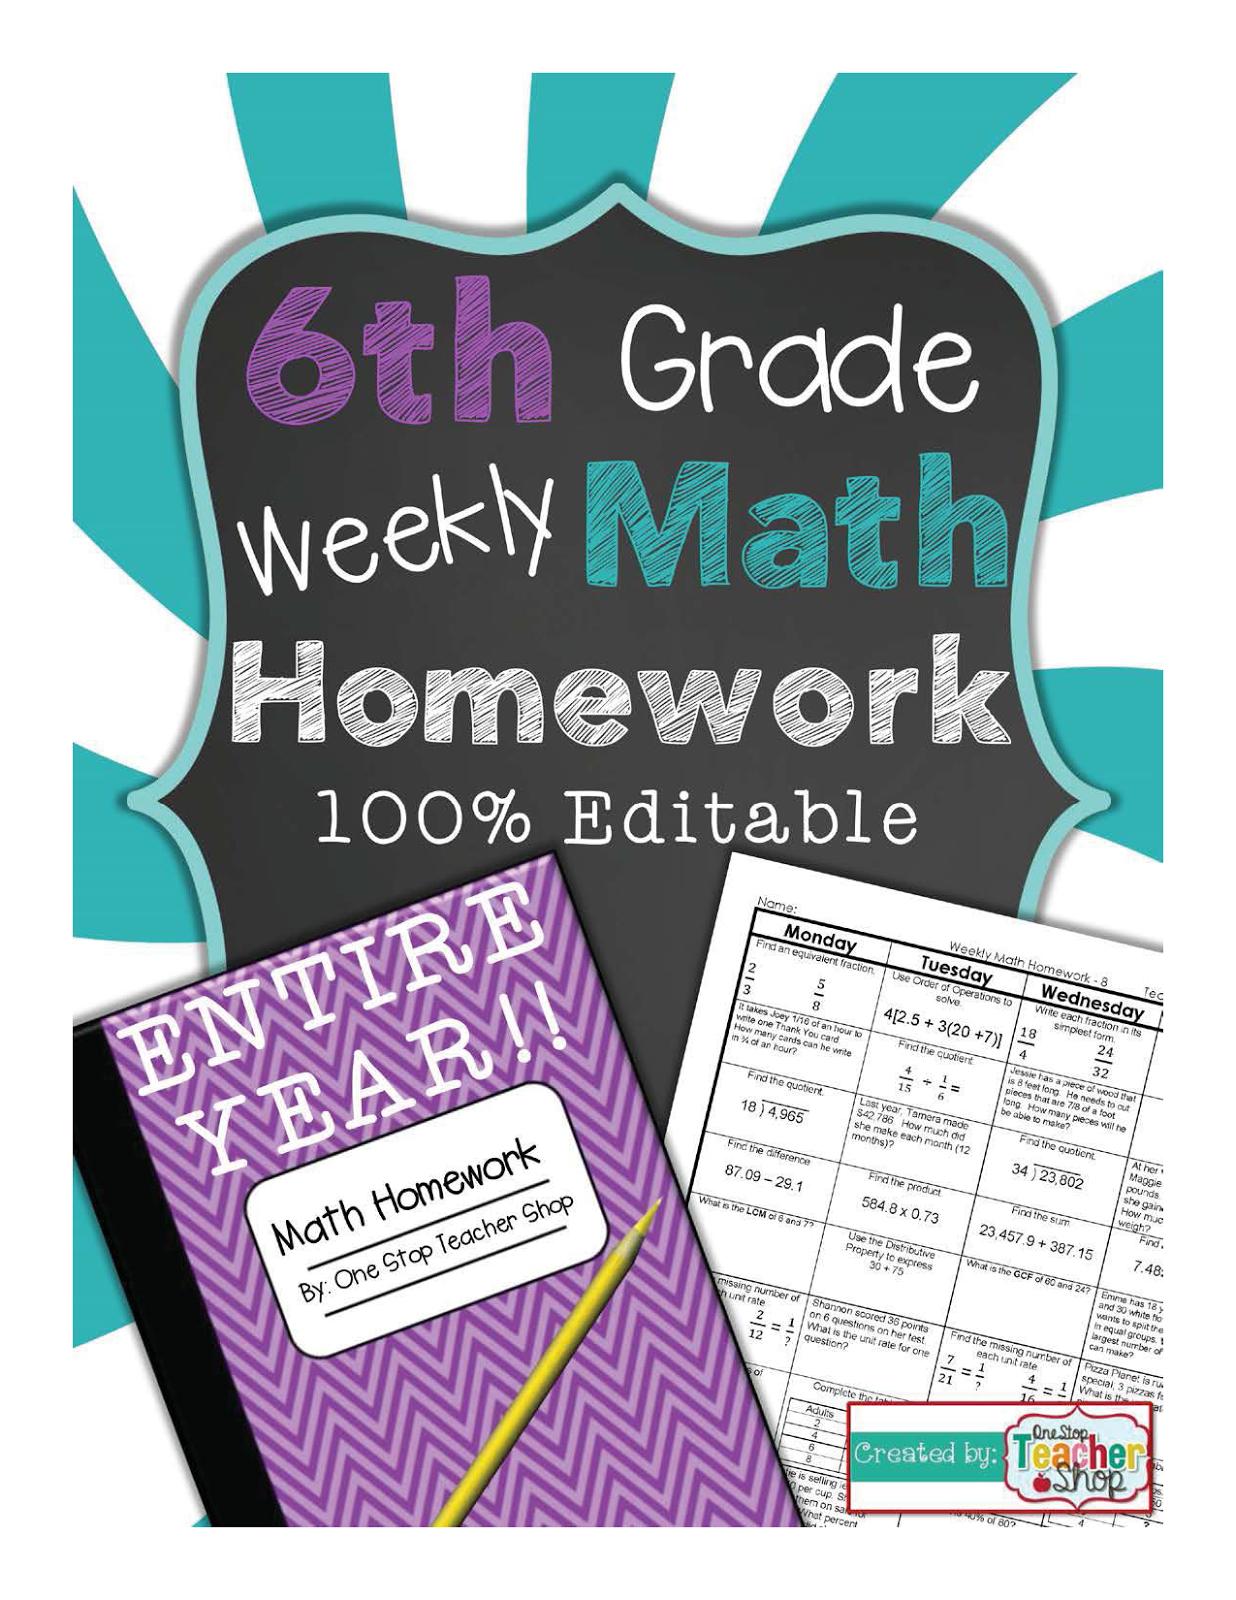 Year 6 homework help